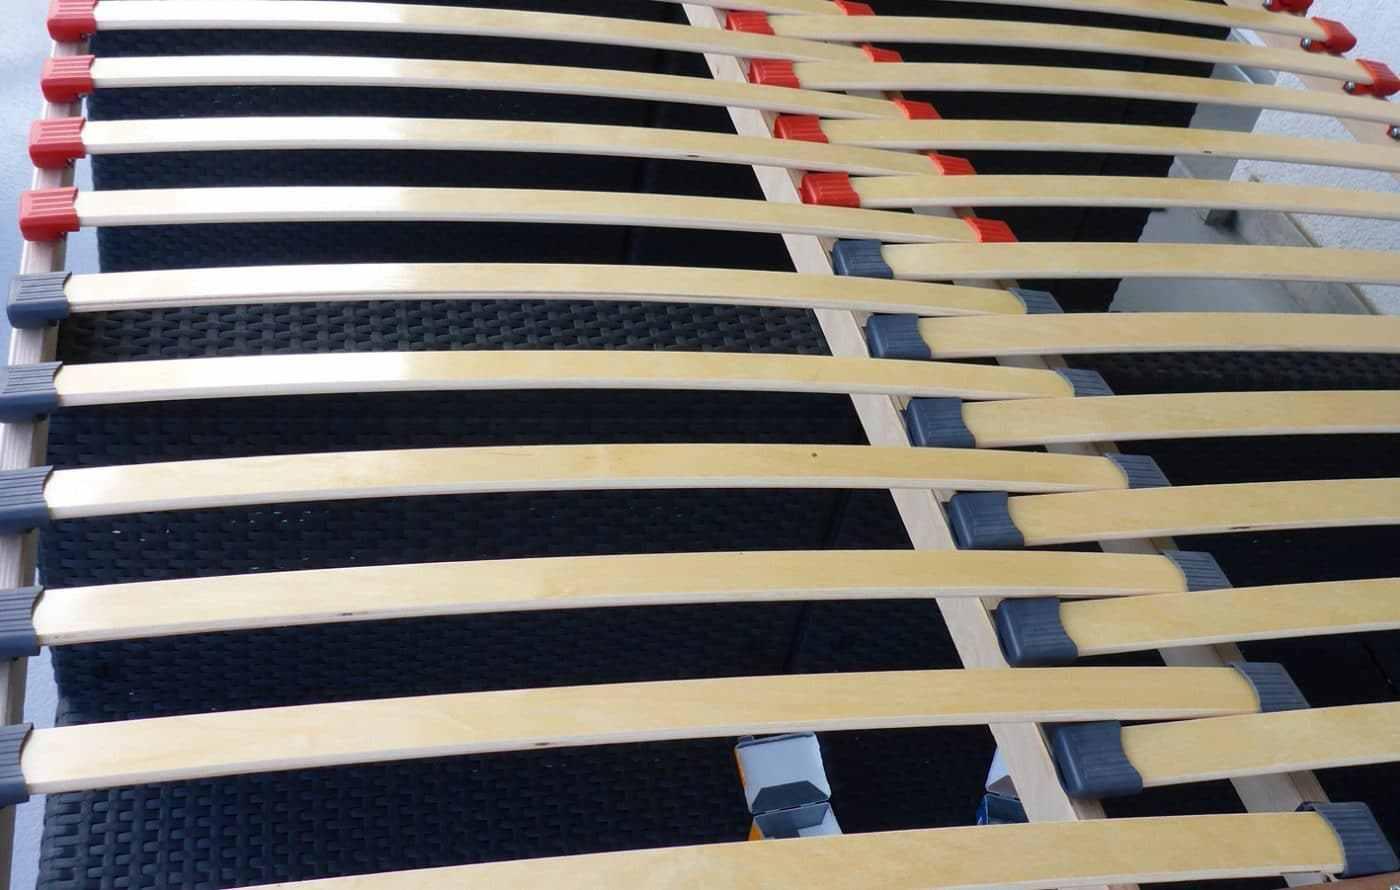 Full Size of Schlafzimmer Komplett Mit Lattenrost Und Matratze Ausziehbares Bett 160x200 120x200 Set 180x200 90x200 140x200 Betten Wohnzimmer Ausziehbares Lattenrost